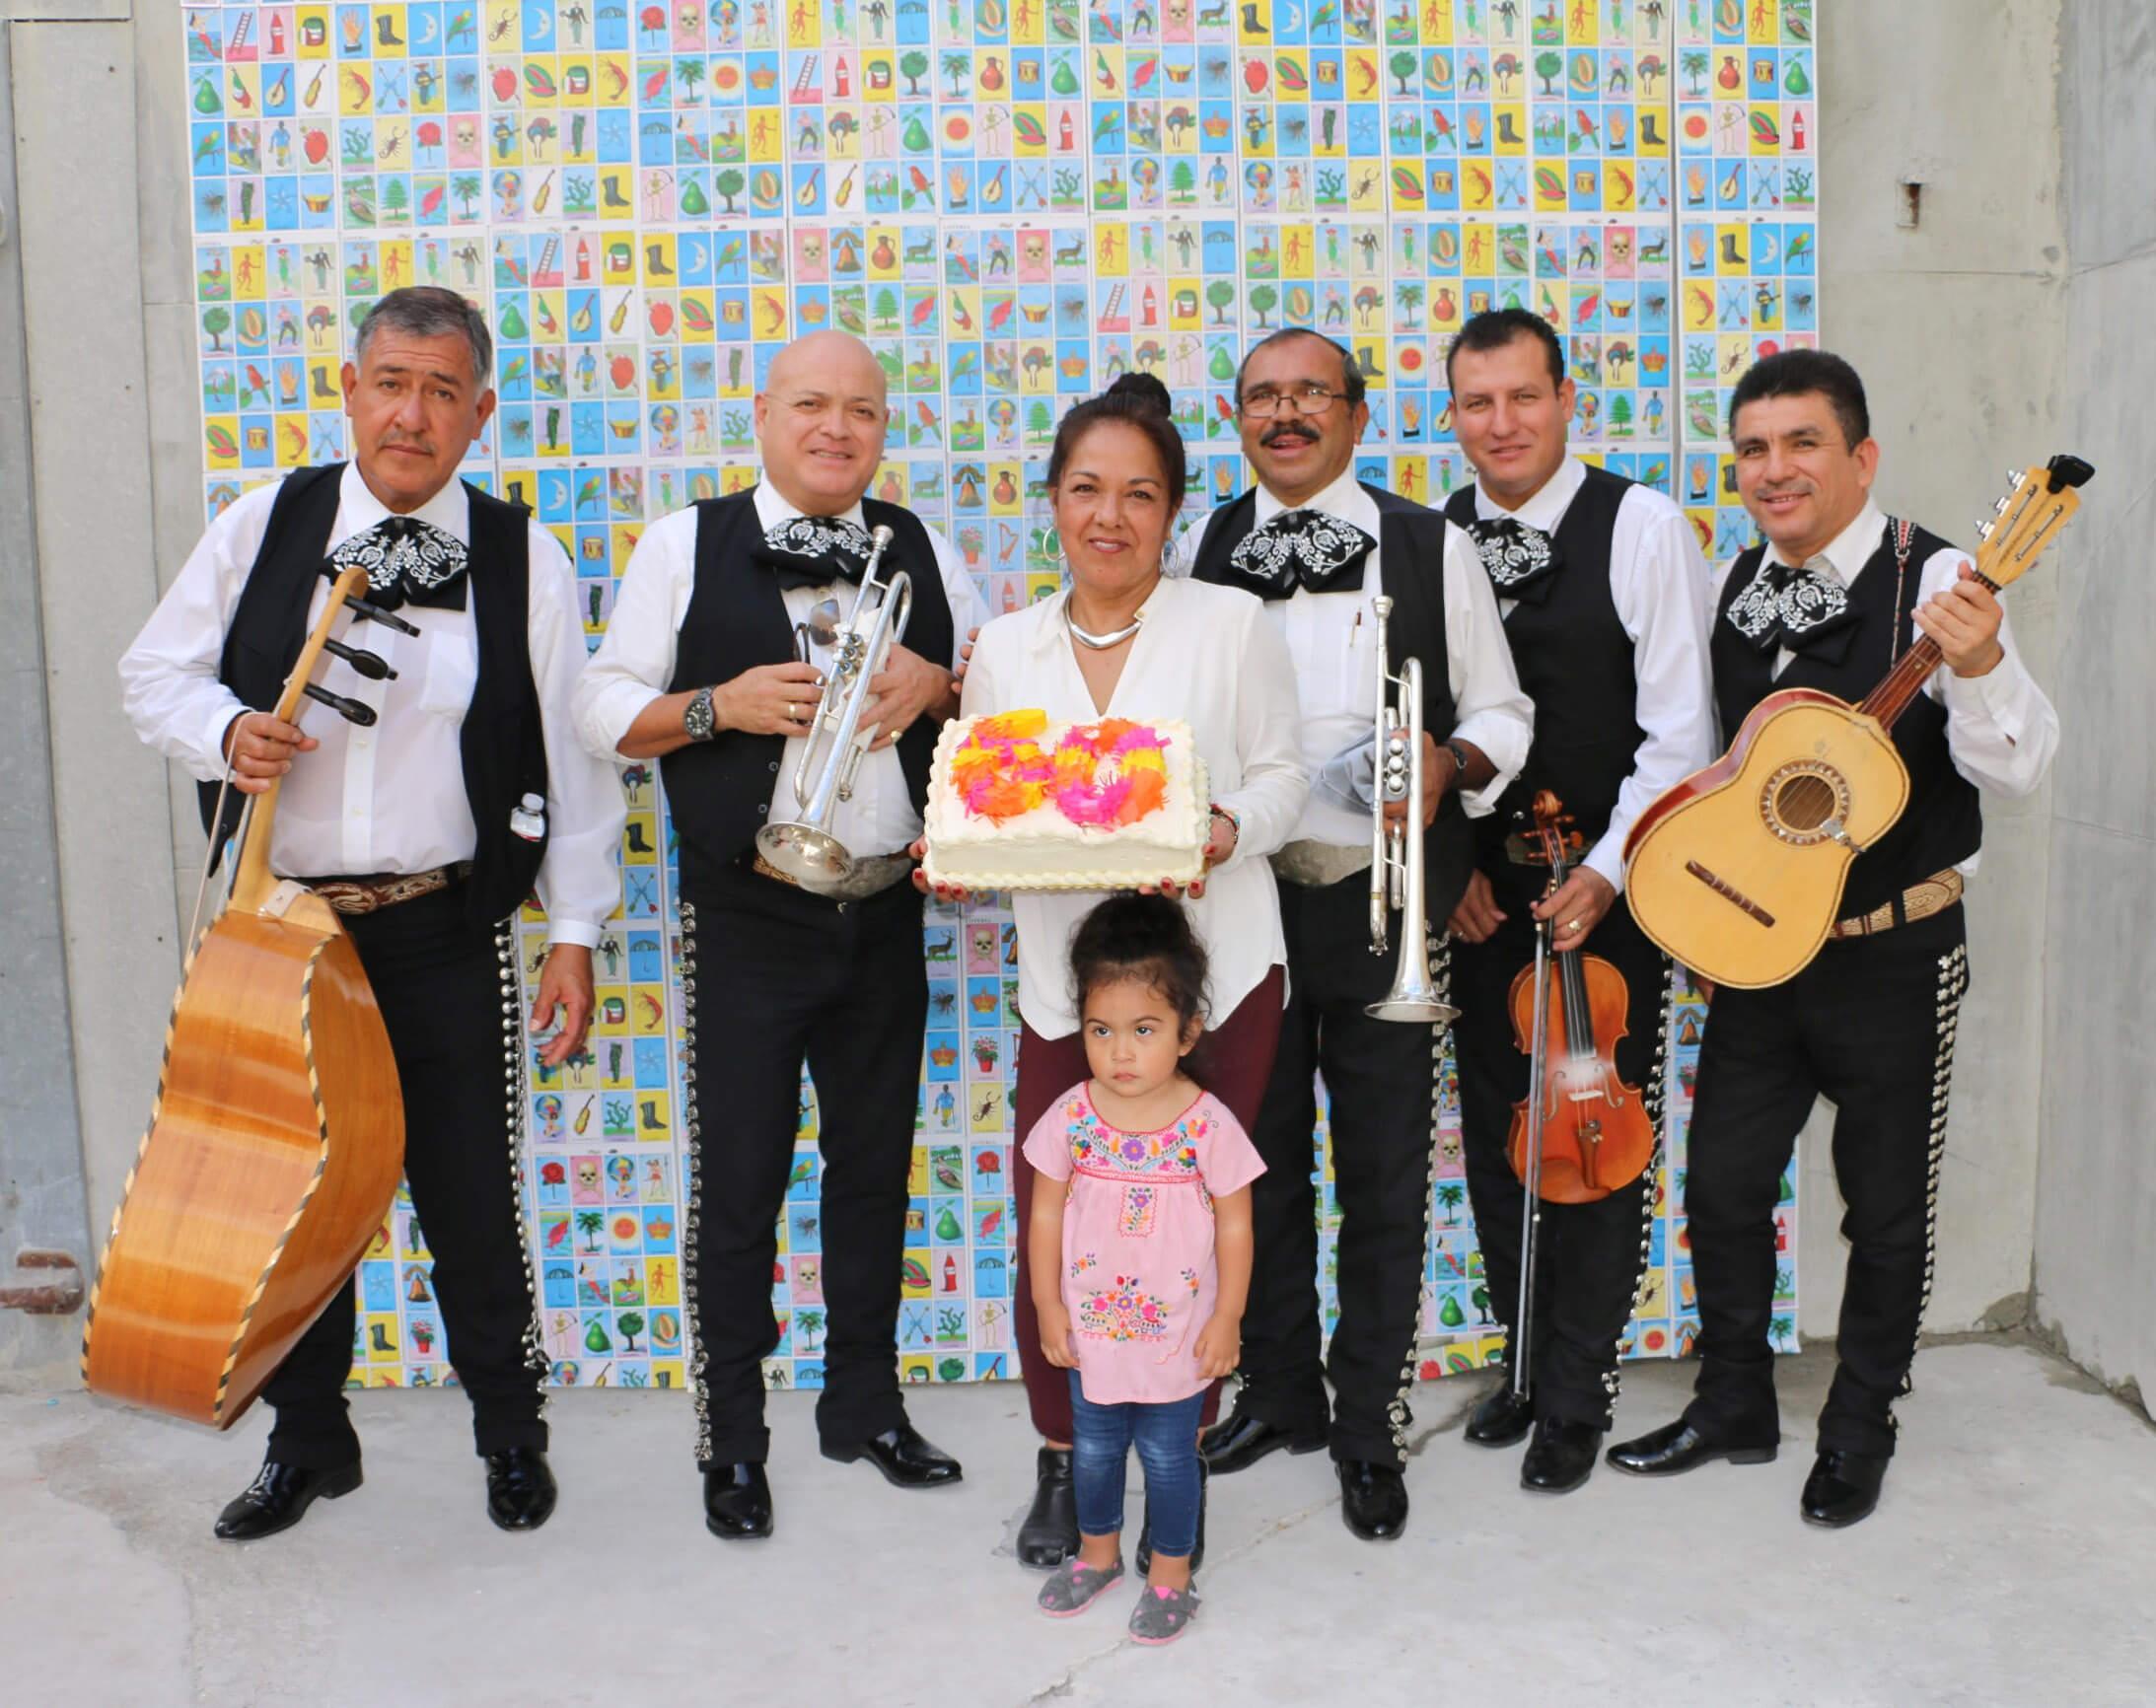 60th_mariachi photo